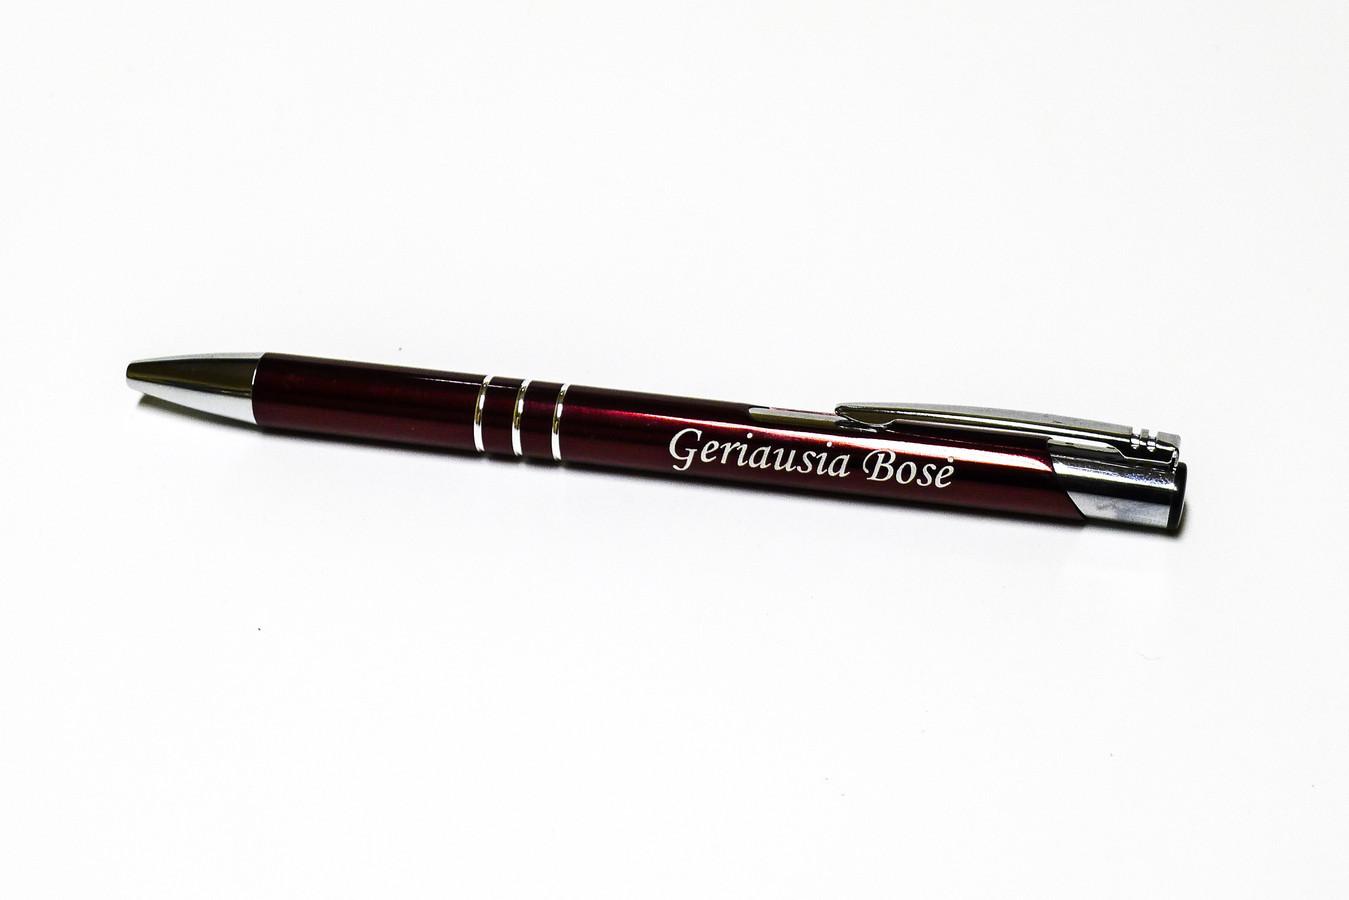 Graviruoti tušinukai, rašikliai, parkeriai su Jūsų pasirinktu tekstu ar logotipu